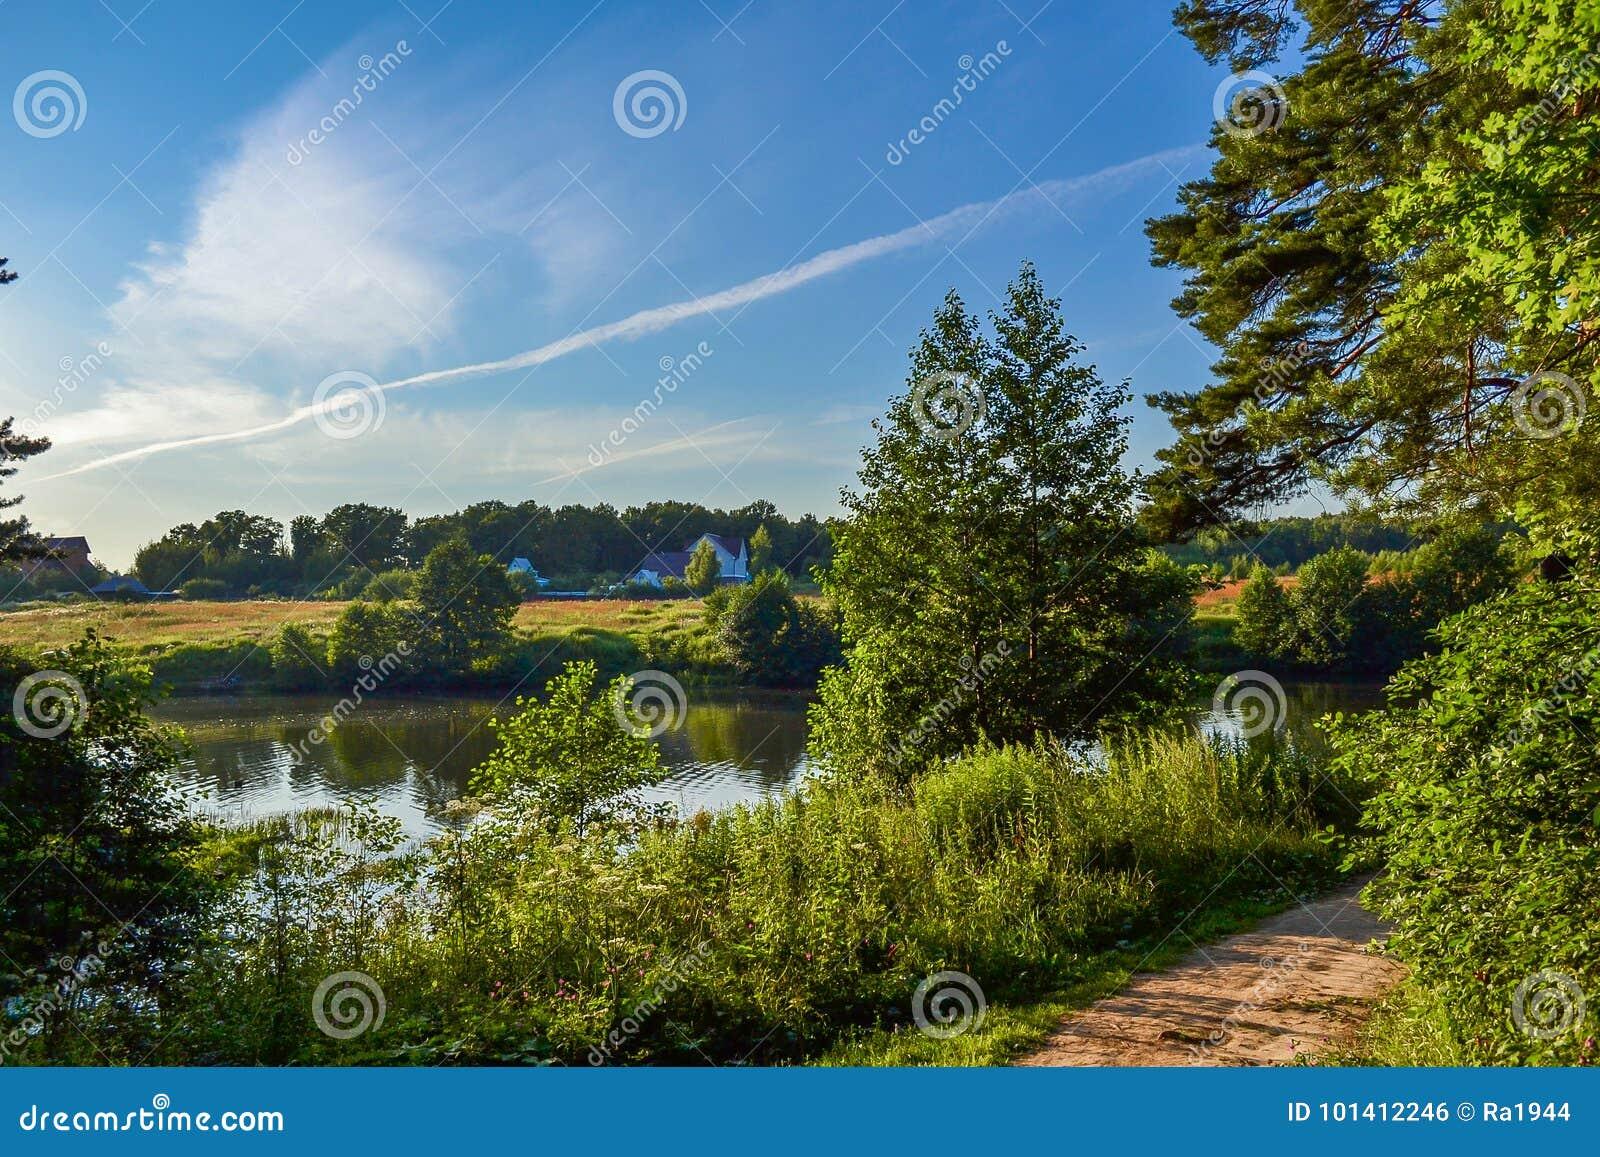 Paisaje rural hermoso Casa residencial cerca del río Árboles con verdor brillante y el cielo azul con las nubes hermosas Verano